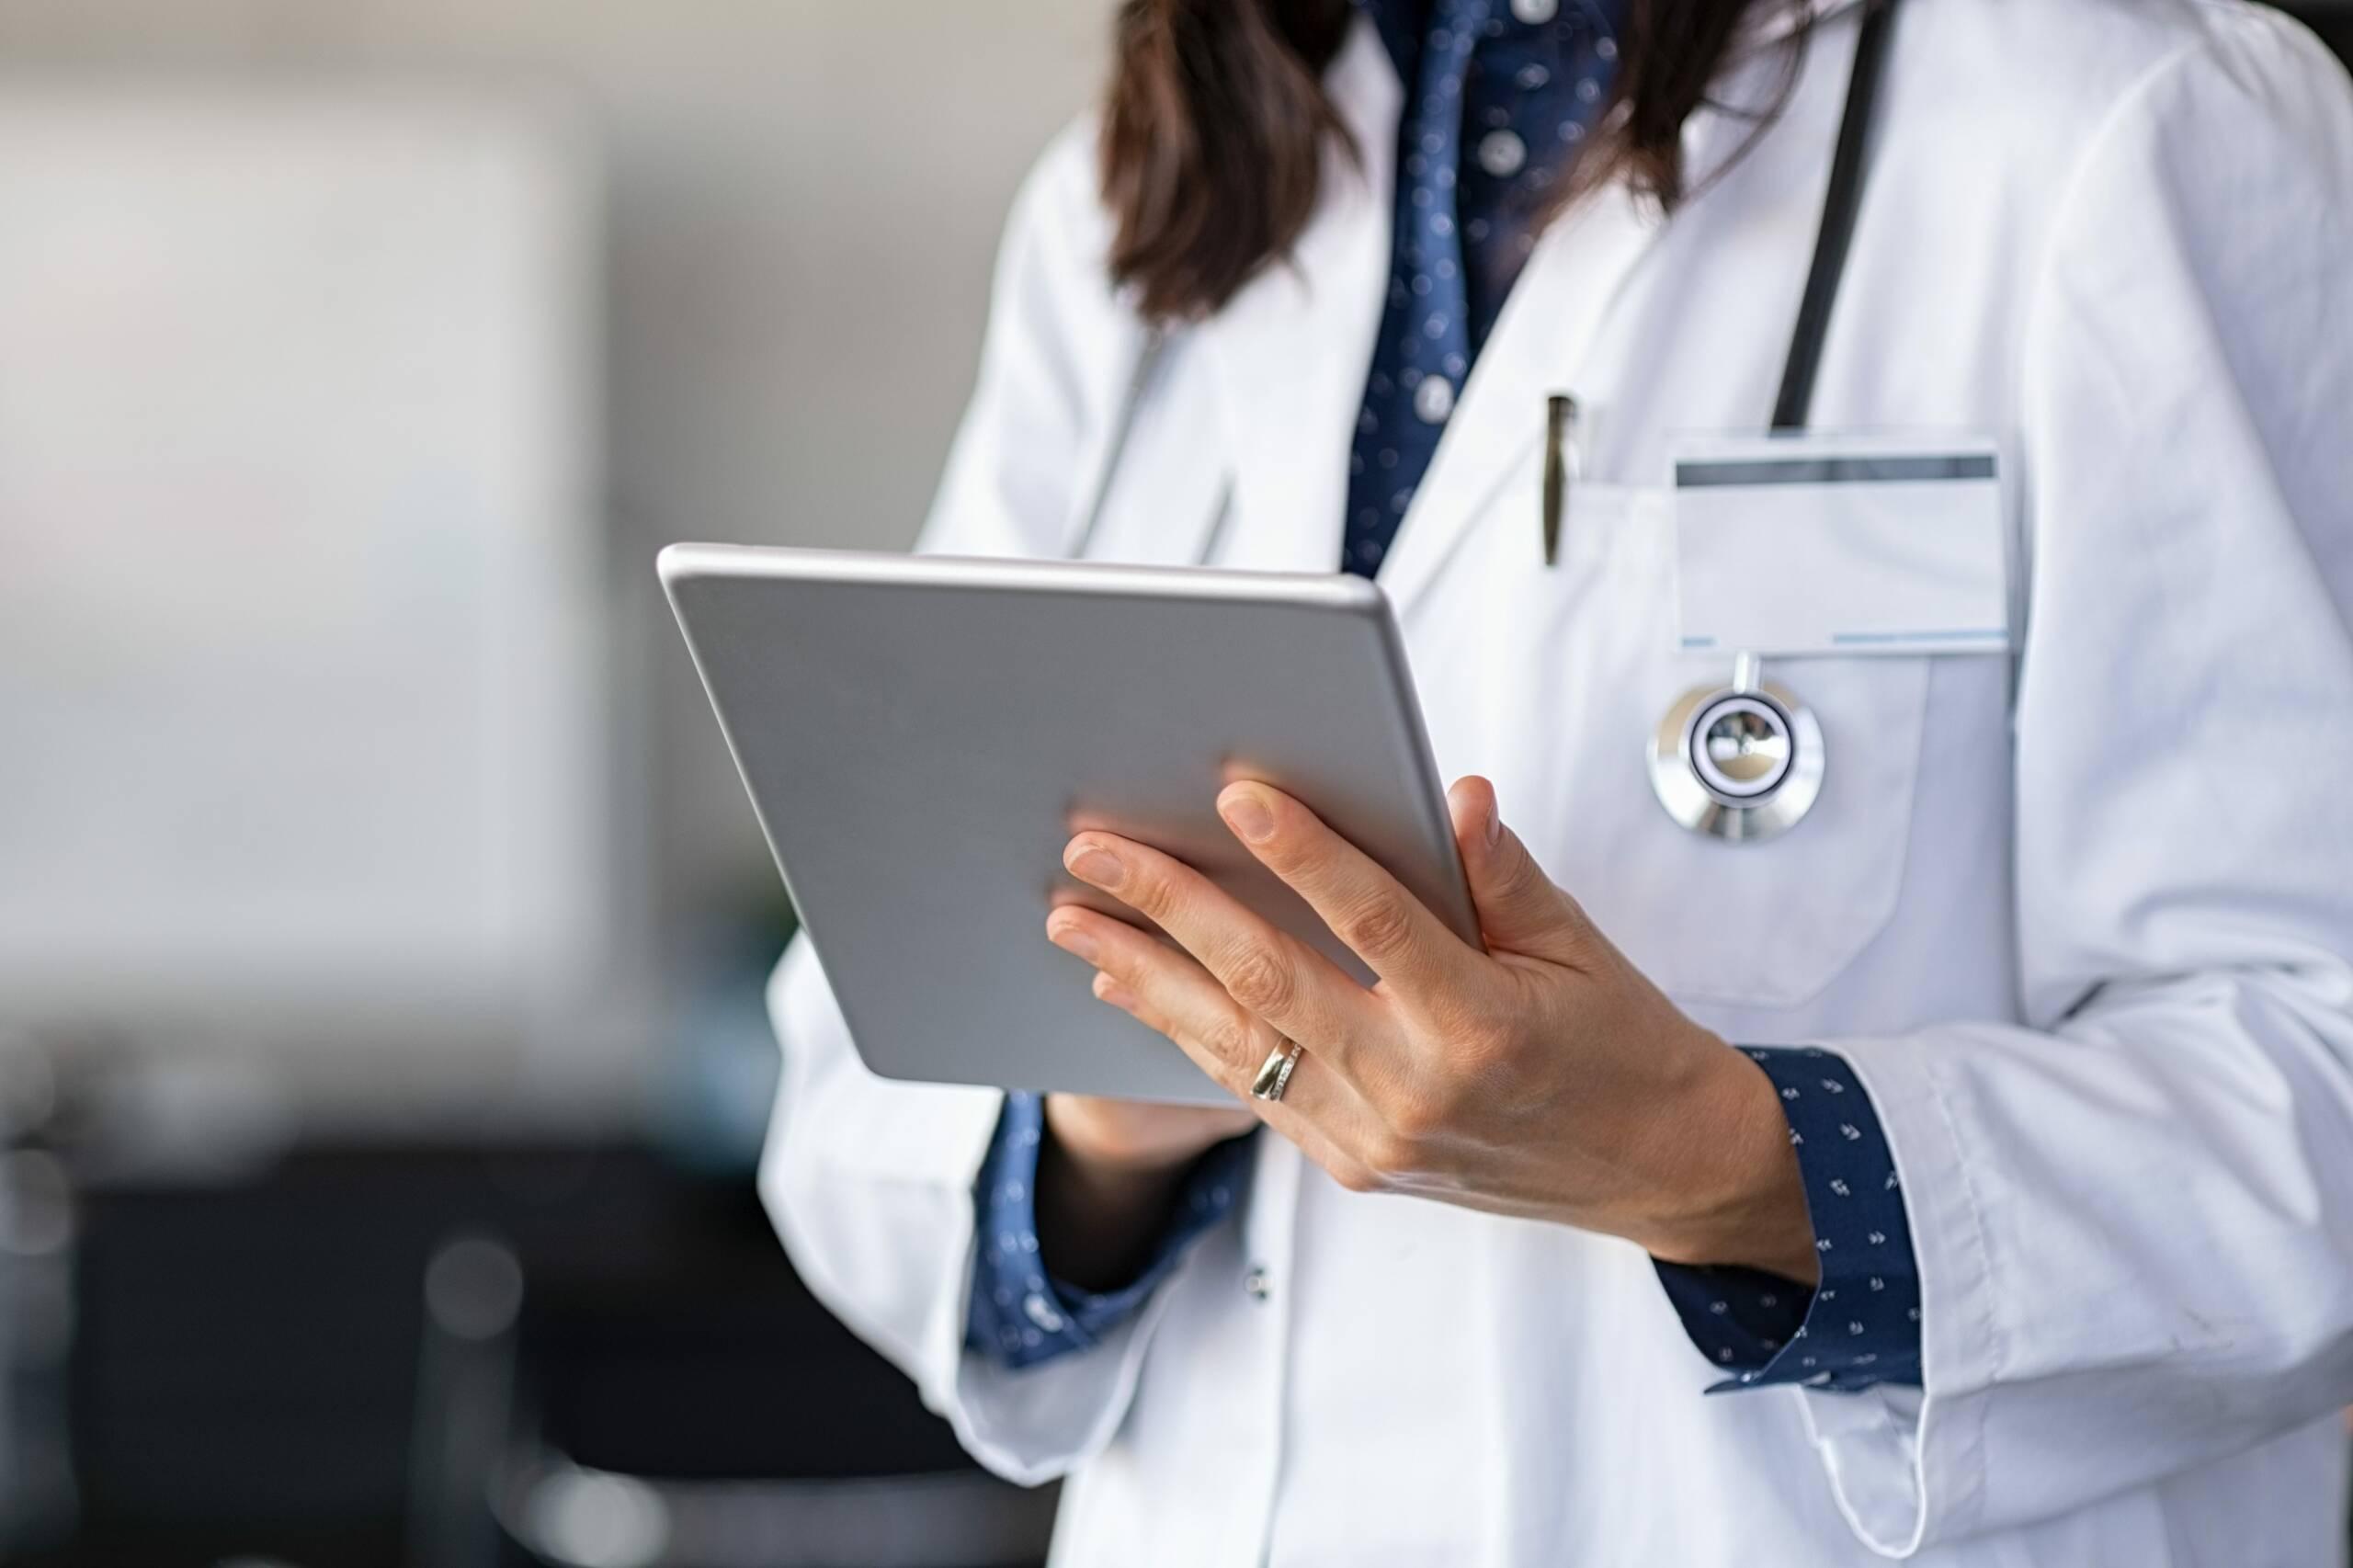 Heilberufsausweis: Digitalisierung im Gesundheitswesens in vollem Gange